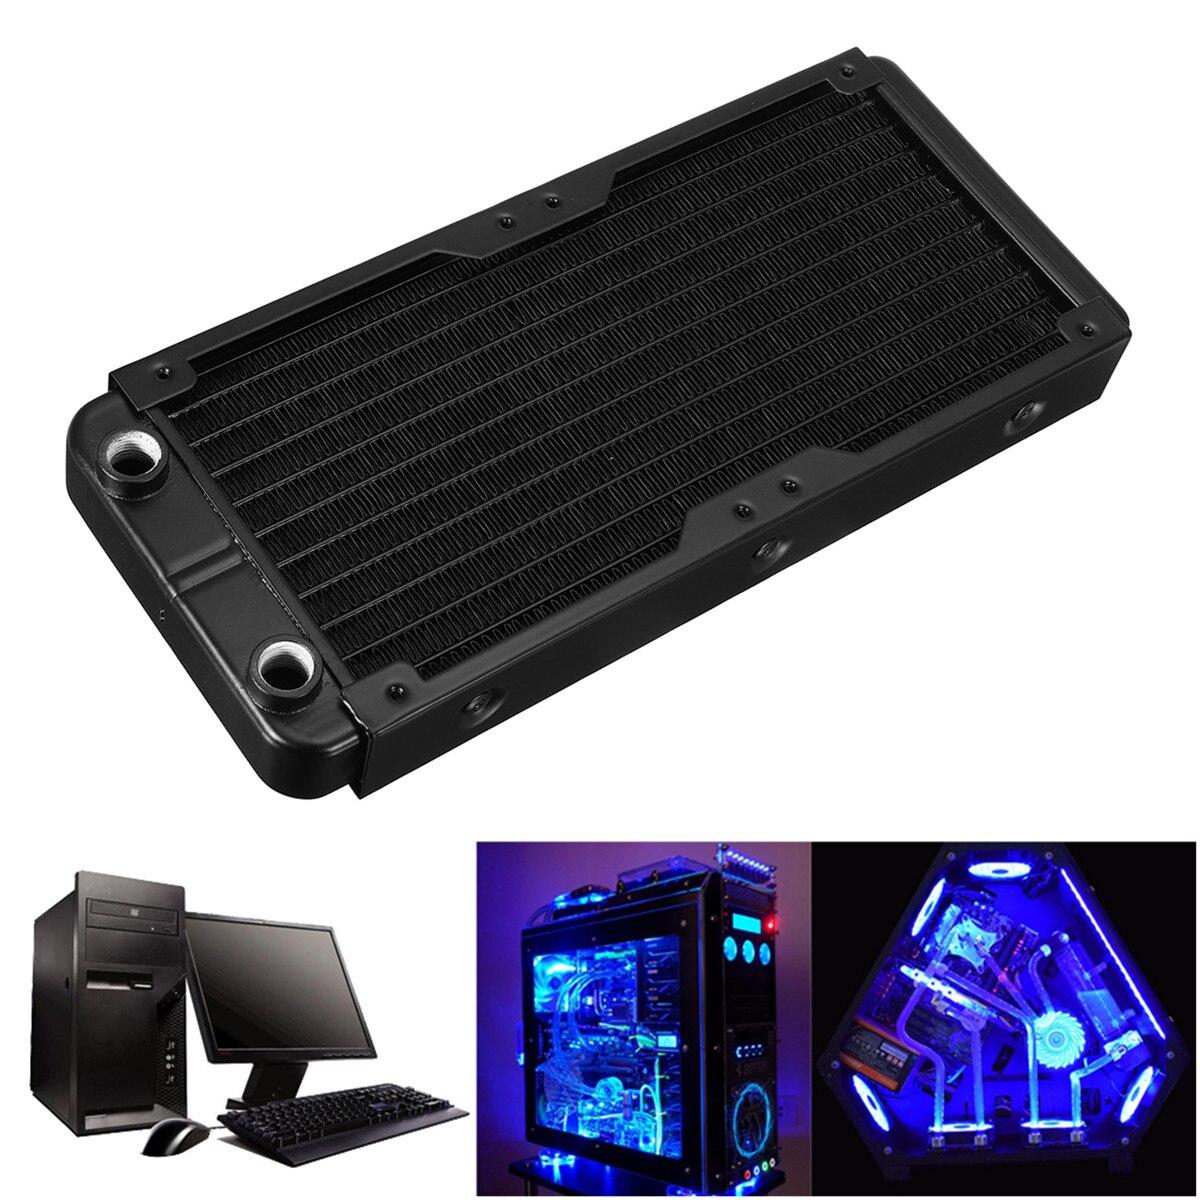 240mm 10 Tubes Aluminium Computer Kühler Wasser Kühlung Kühler Für CPU Kühlkörper Tauscher CPU Kühlkörper Für Laptop Desktop